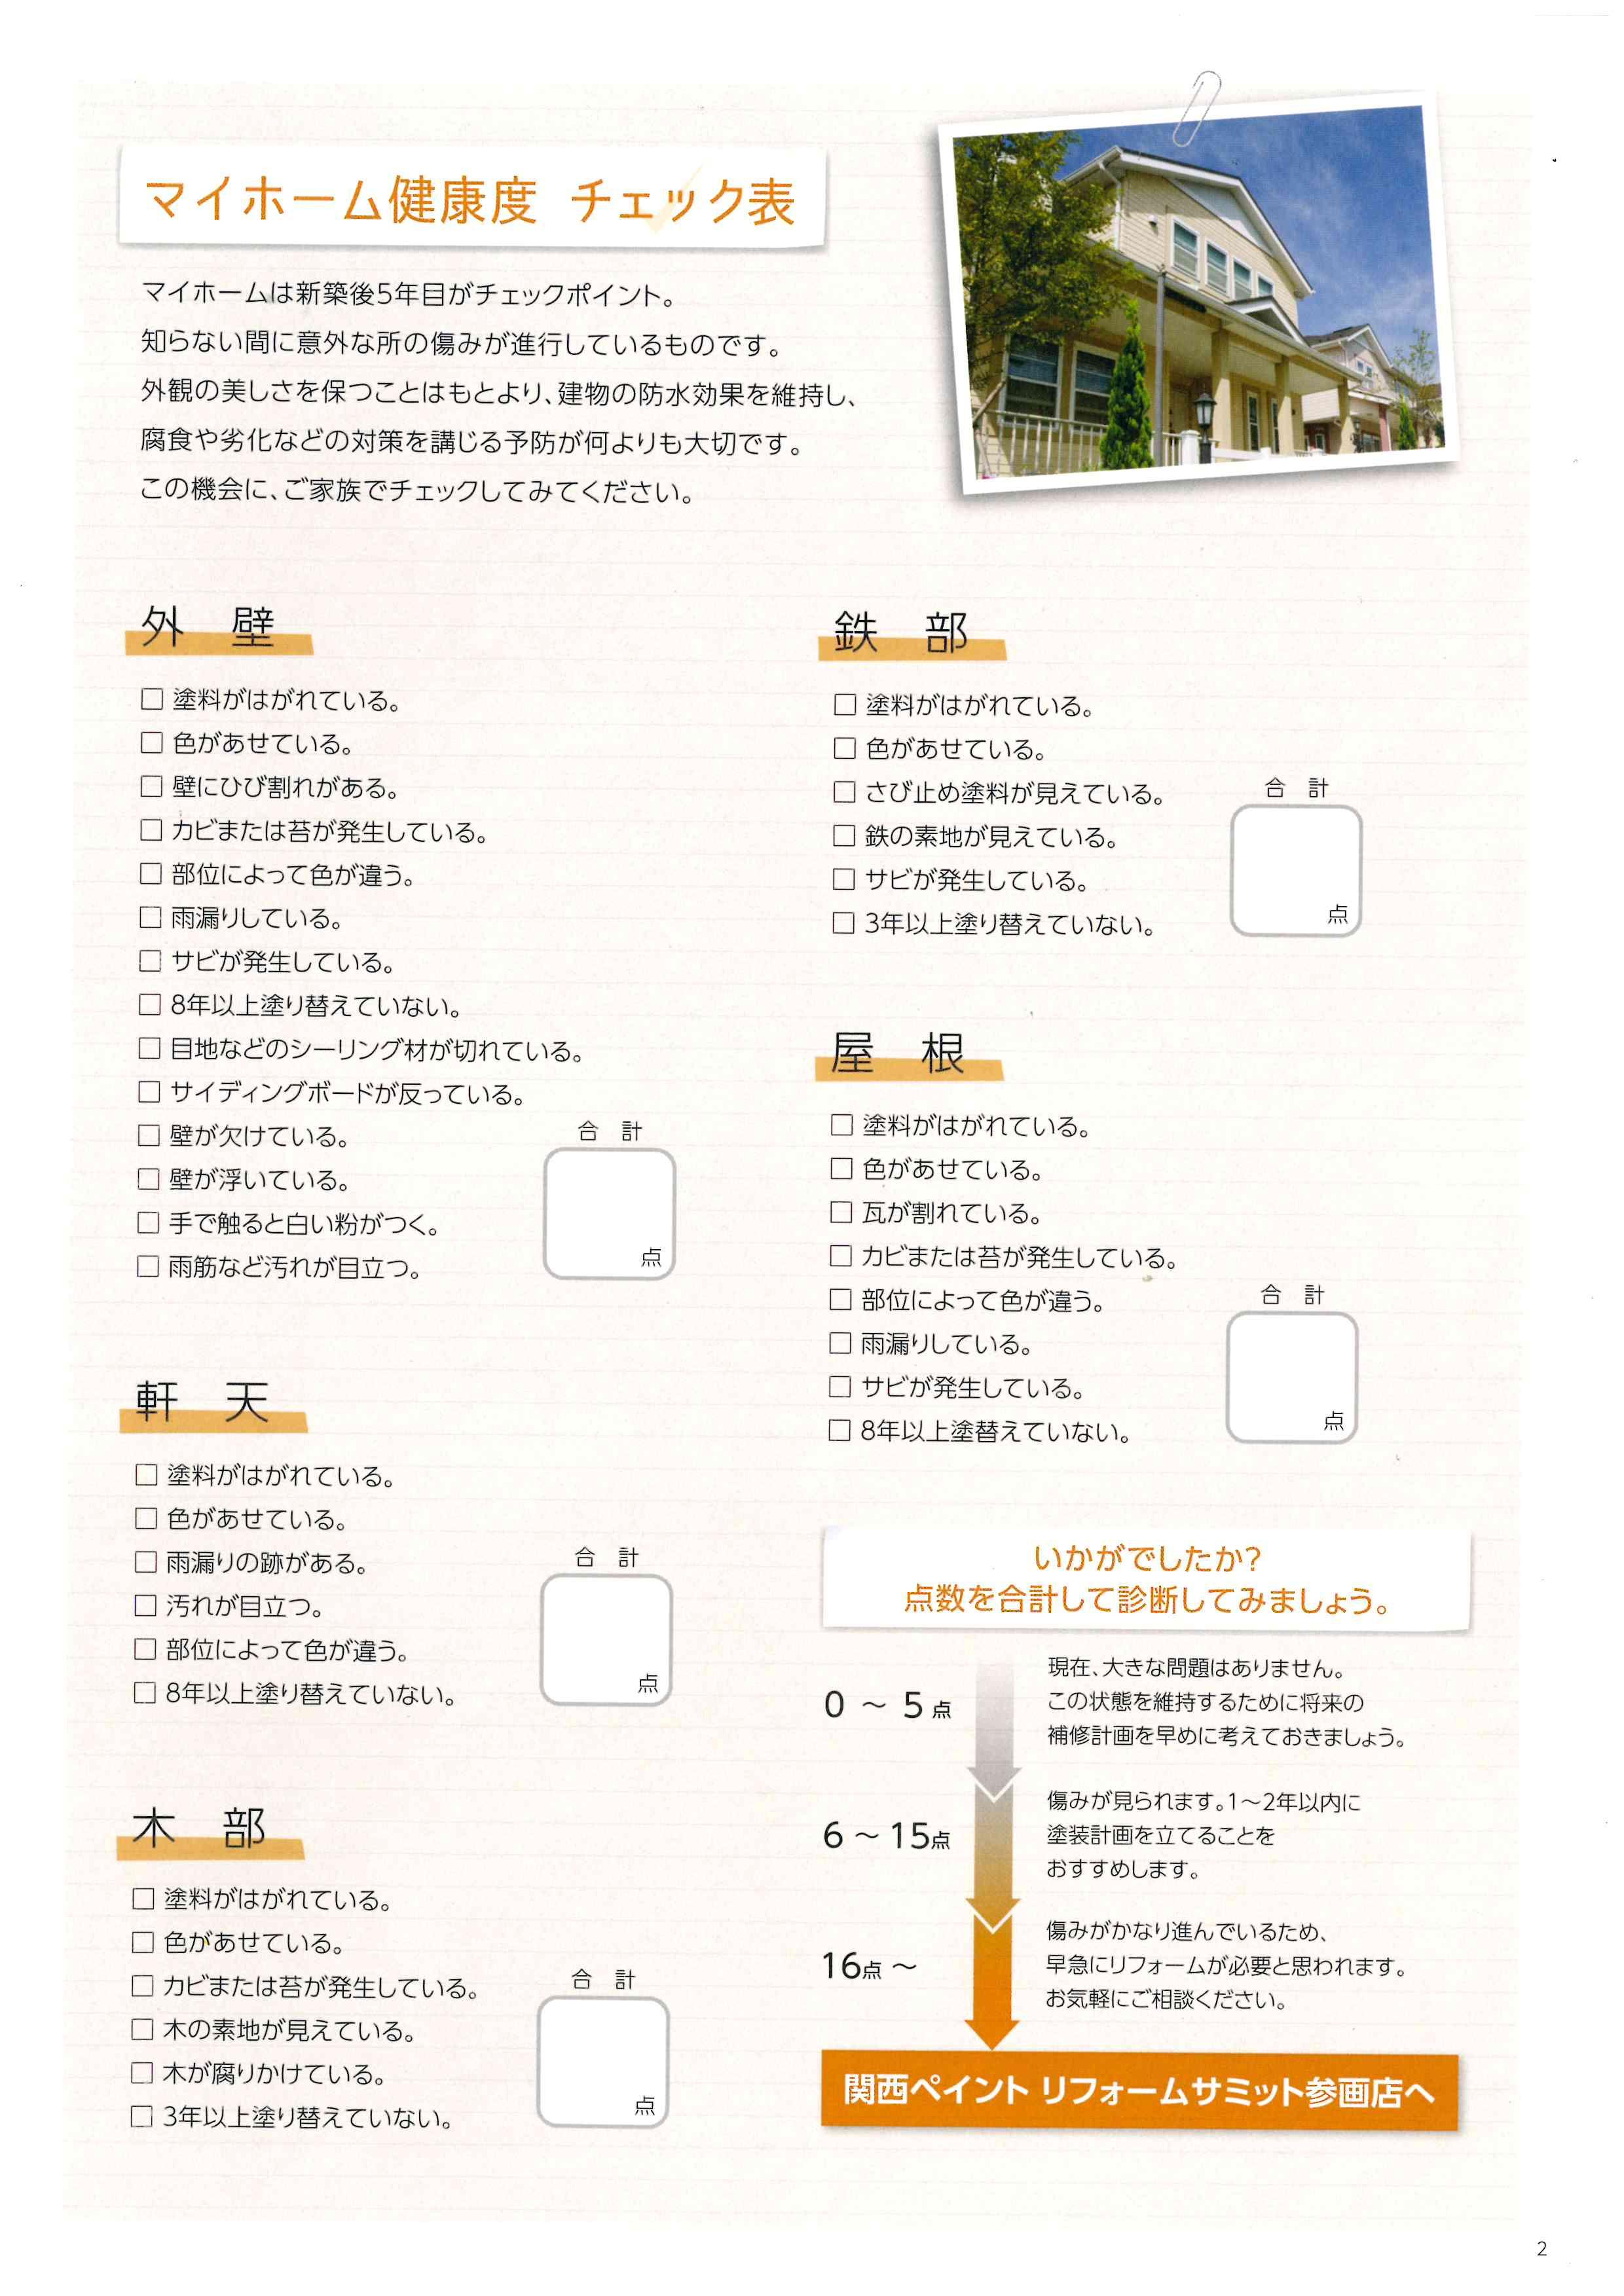 外壁塗装のセルフチェック表です。ぜひ参考にしてください。